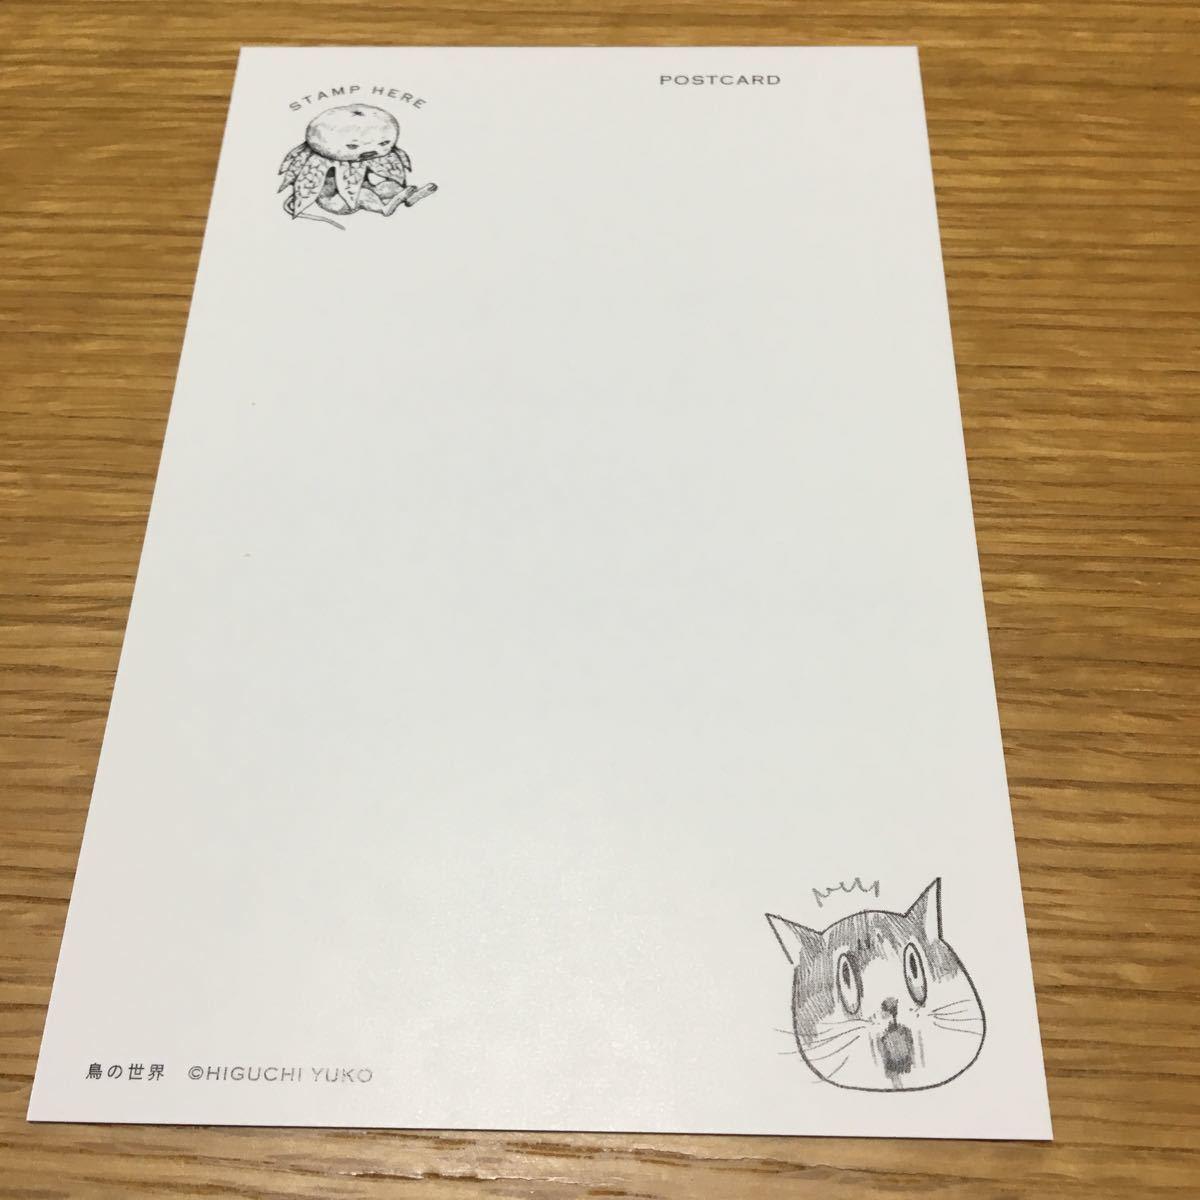 ヒグチユウコ ネコ ポストカード 葉書 ハガキ はがき メッセージカード 猫 ねこ 動物 51_画像2